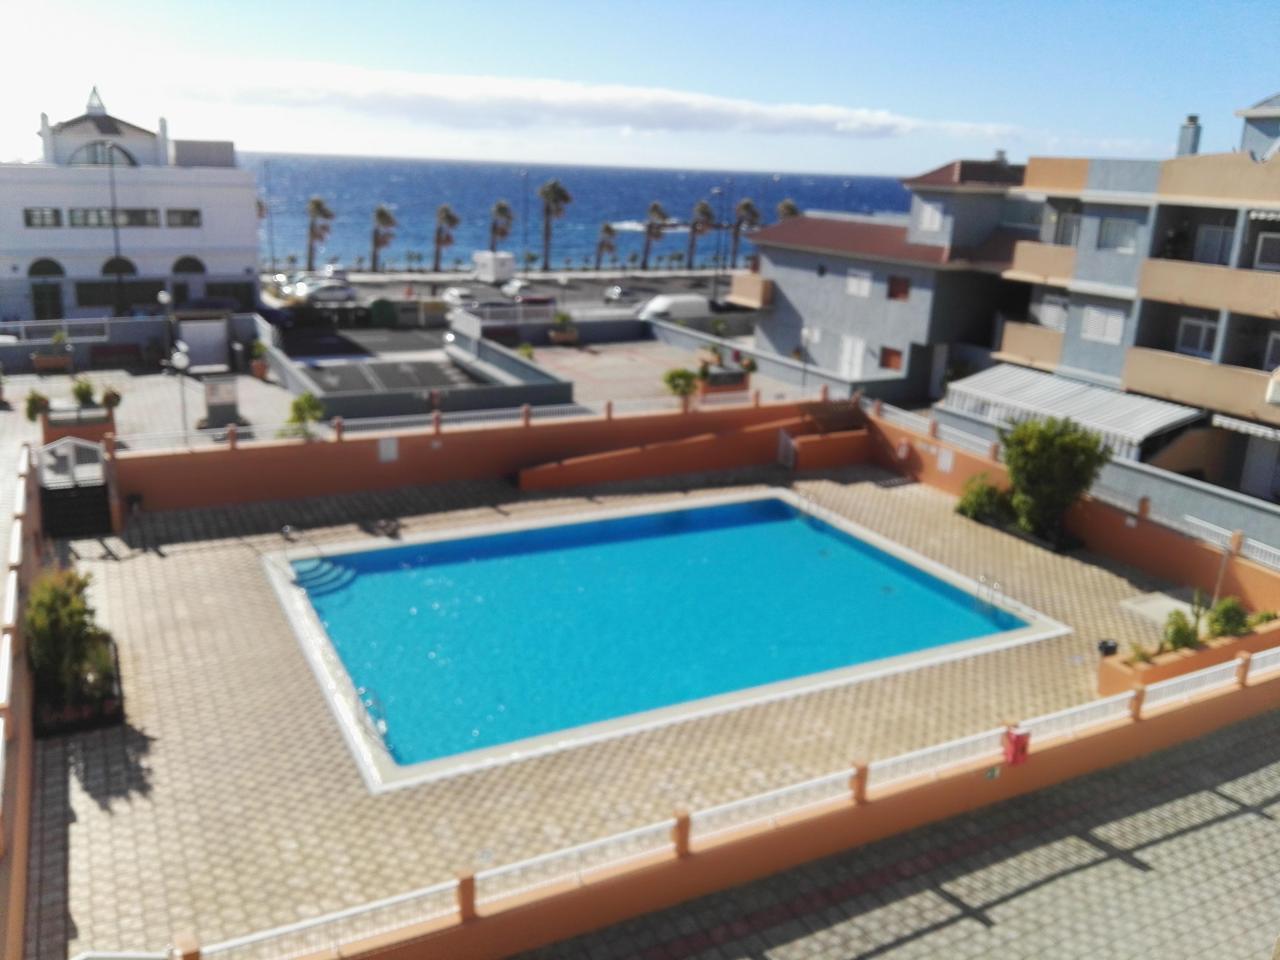 Alquiler de apartamentos Puertito de Güímar, Santa Cruz de Tenerife